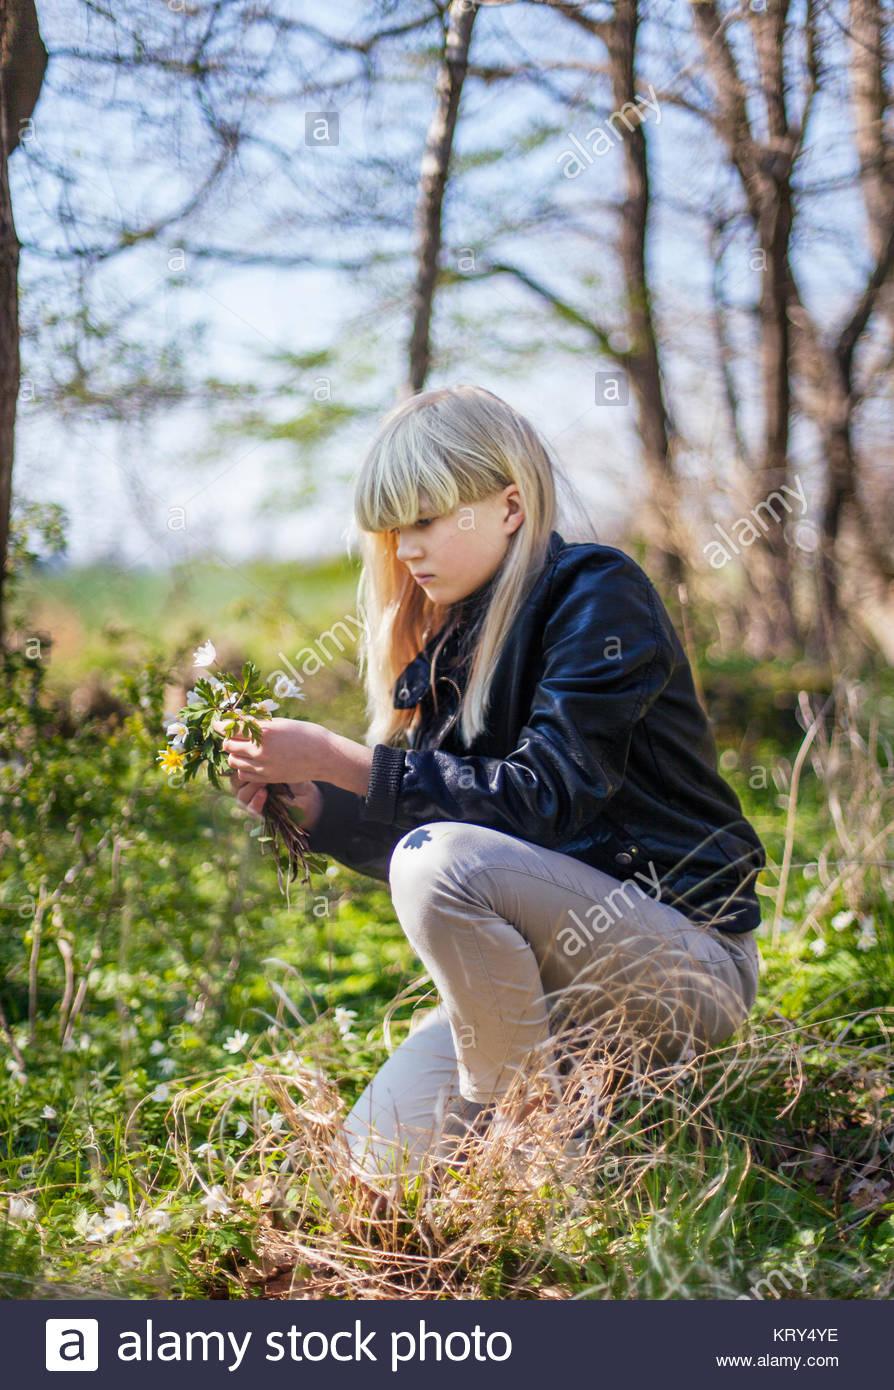 Mädchen sammeln Blumen an einem Wald Stockbild